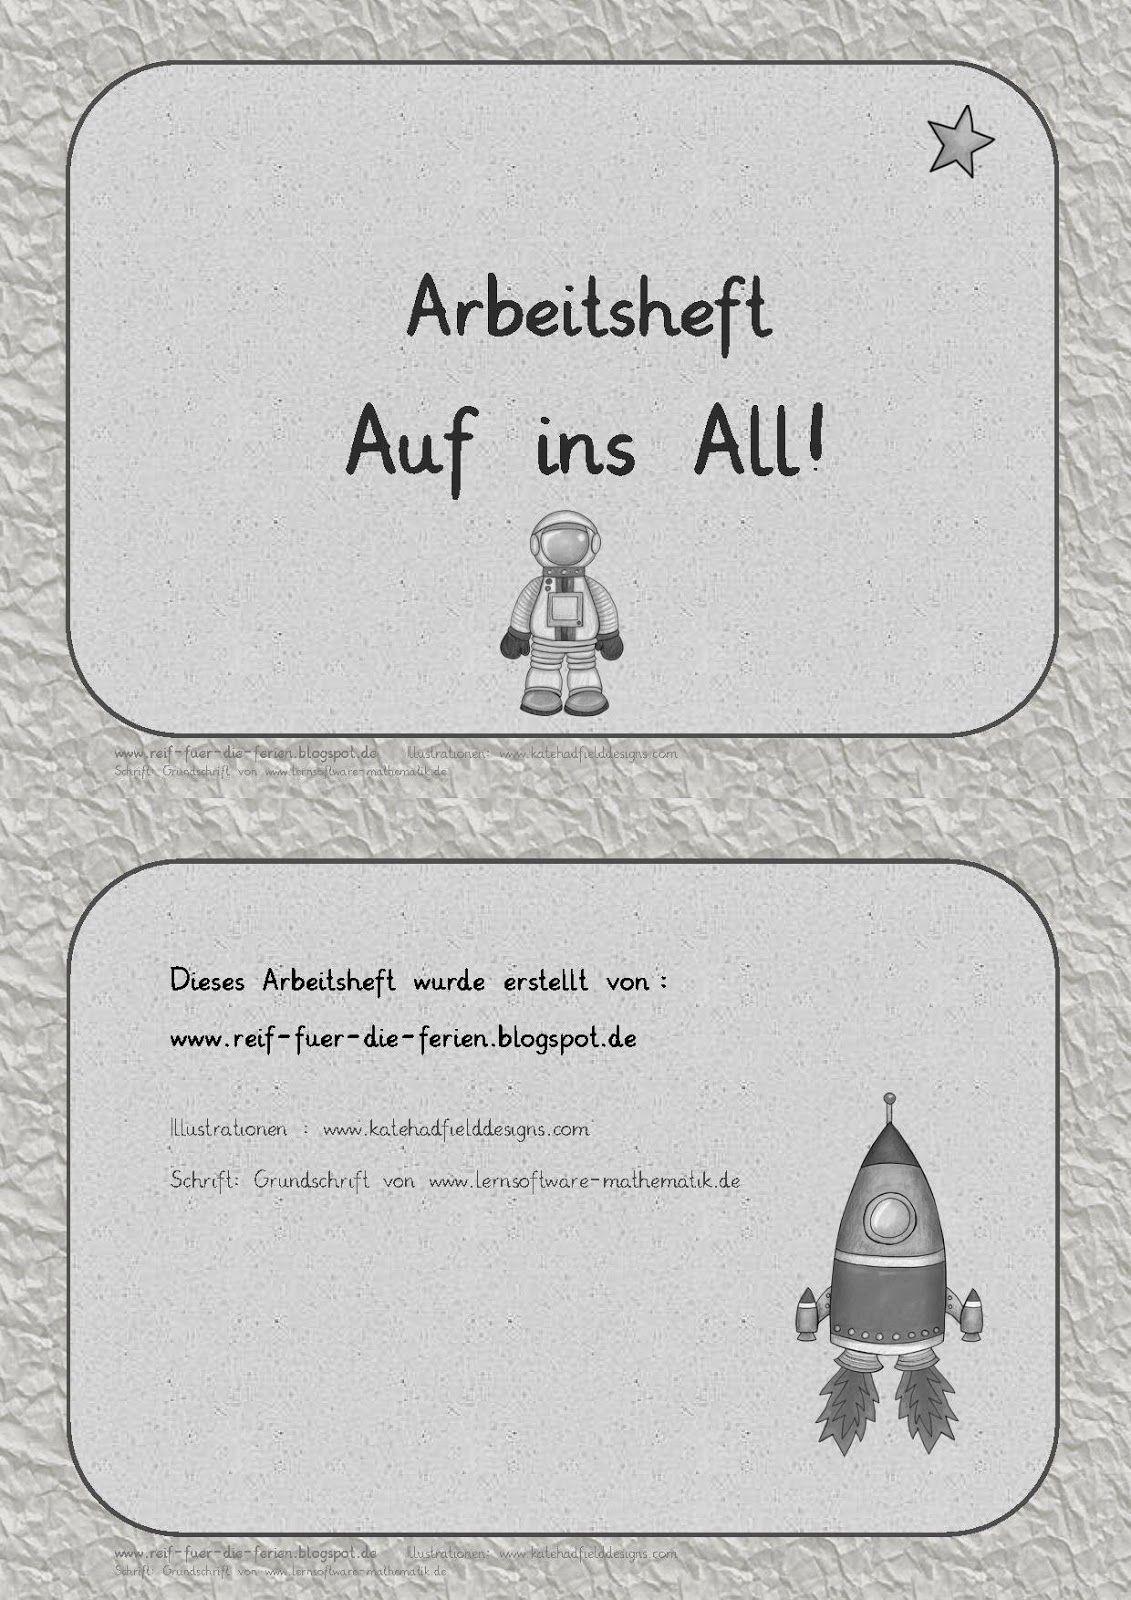 ABs Auf ins All - Grundschrift | Weltall | Pinterest | Weltall ...